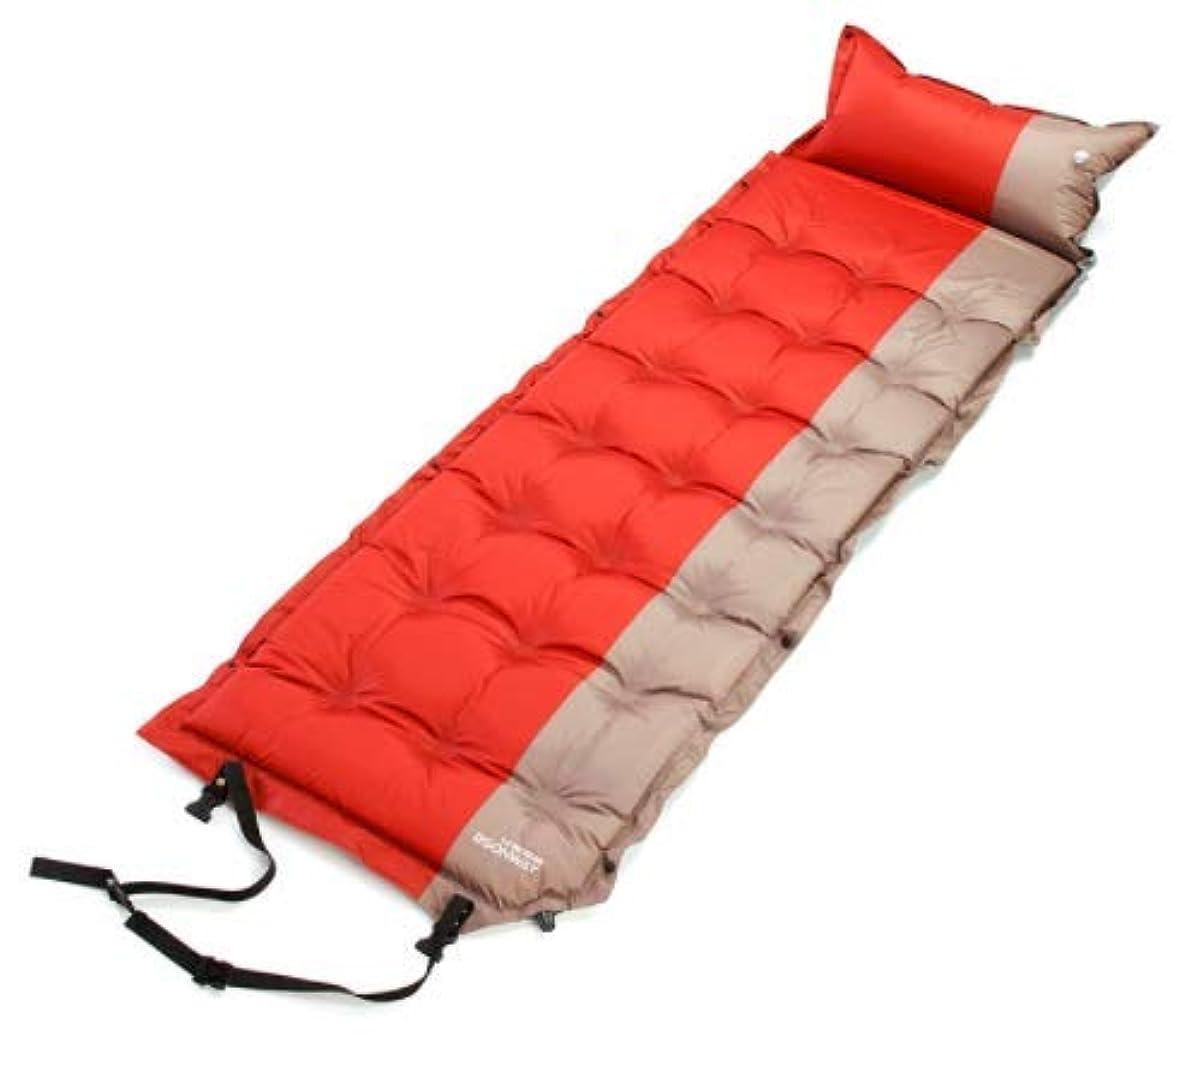 アパートビバ温度計Chaopen 屋外インフレータブルクッション厚い防水キャンプテント湿気パッドシングルスリーピングパッドを接合することができます